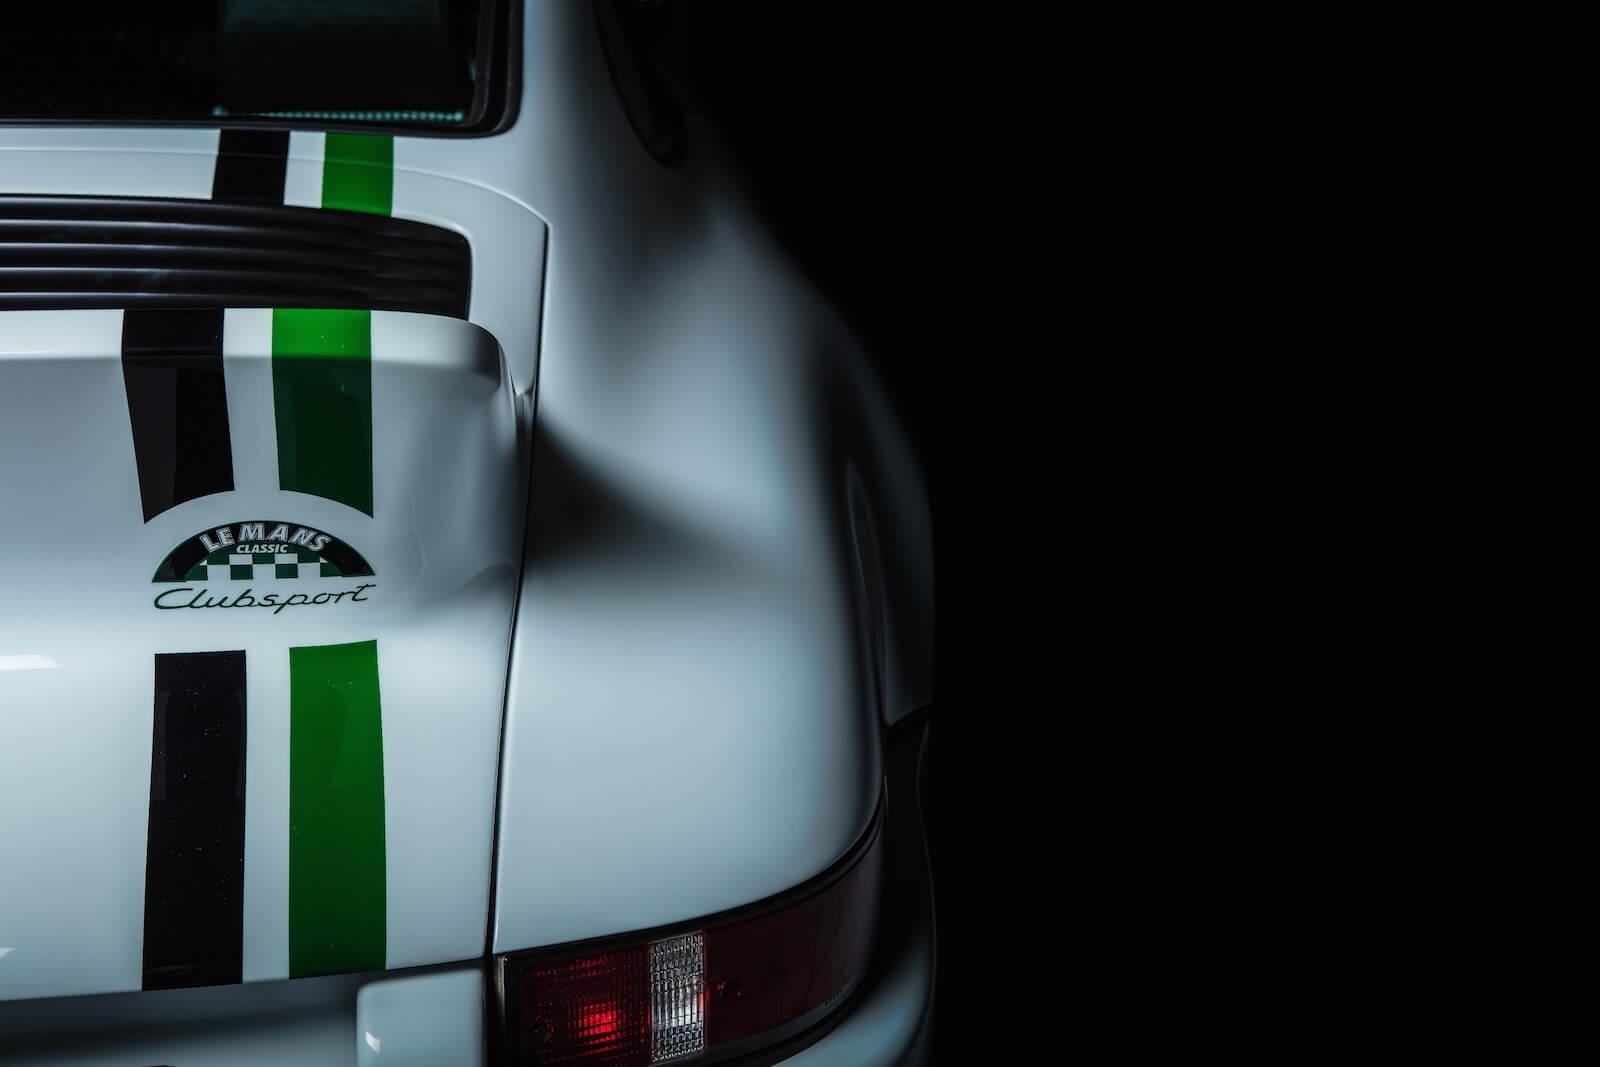 Porsche 911 Le Mans Classic Clubsport by Paul Stephens (6)